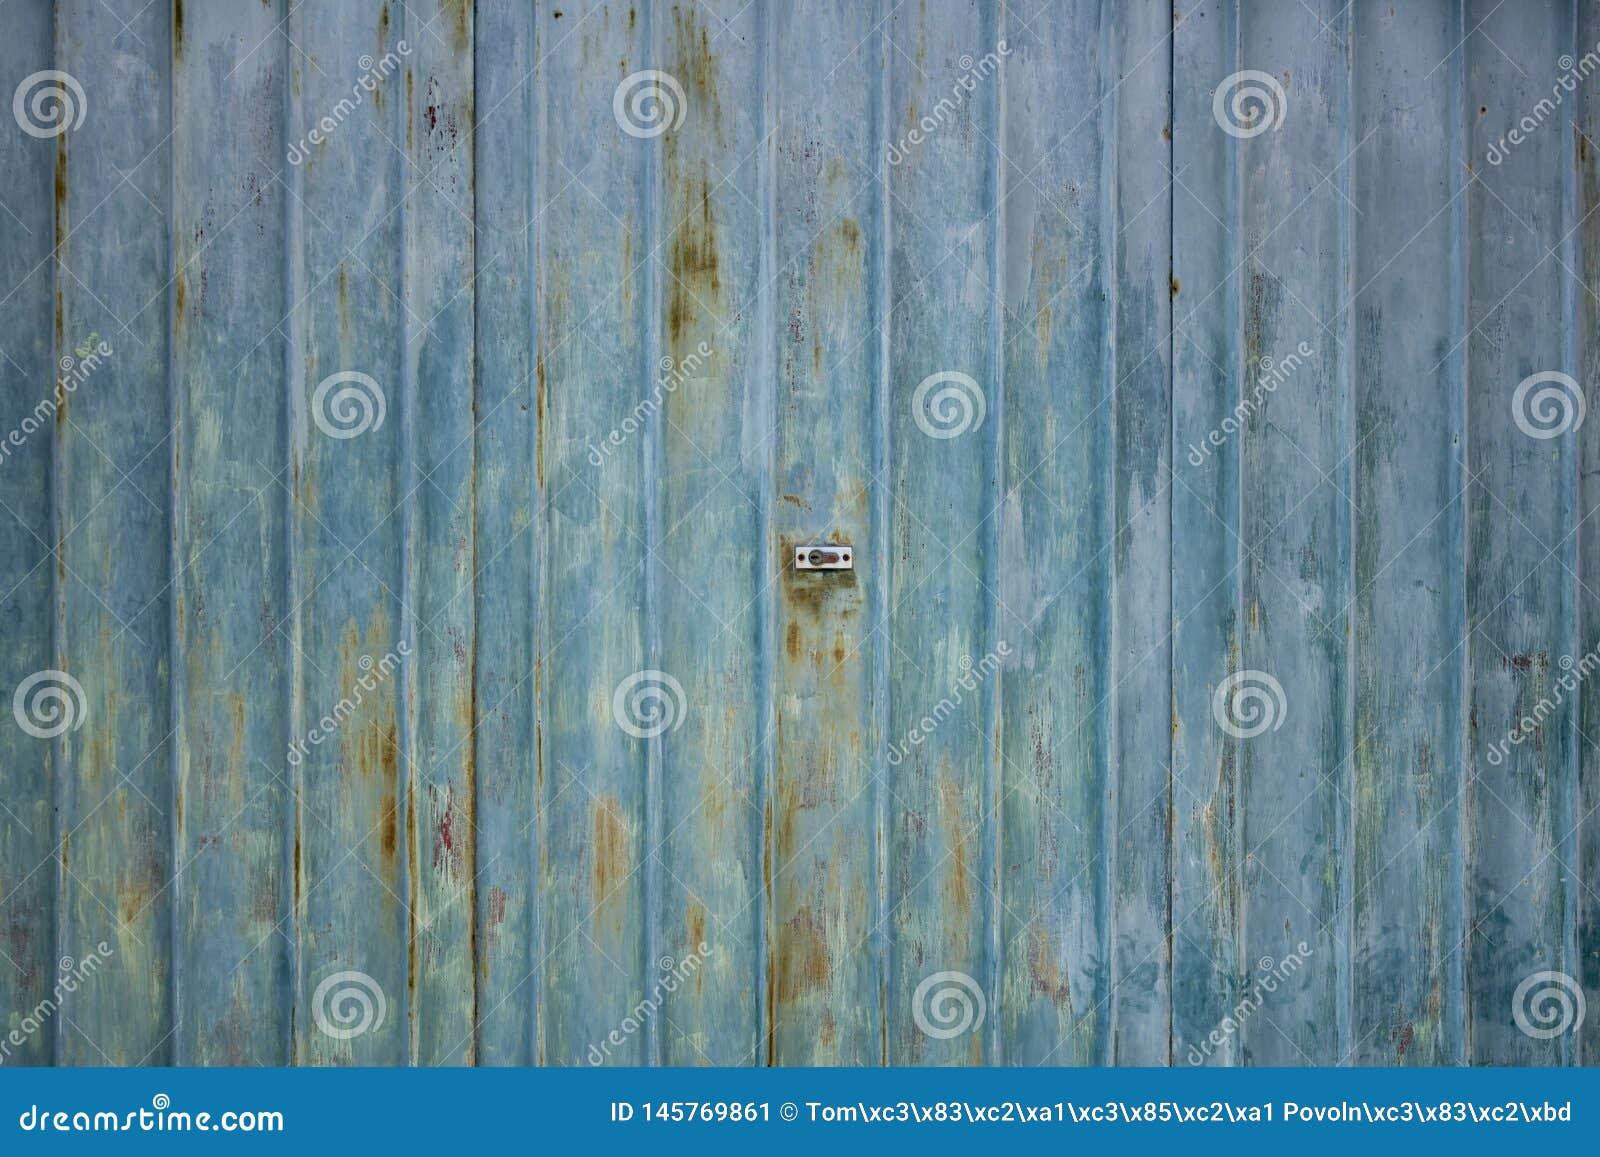 Textura oxidada ondulada das portas da garagem do metal com fechamento no centro